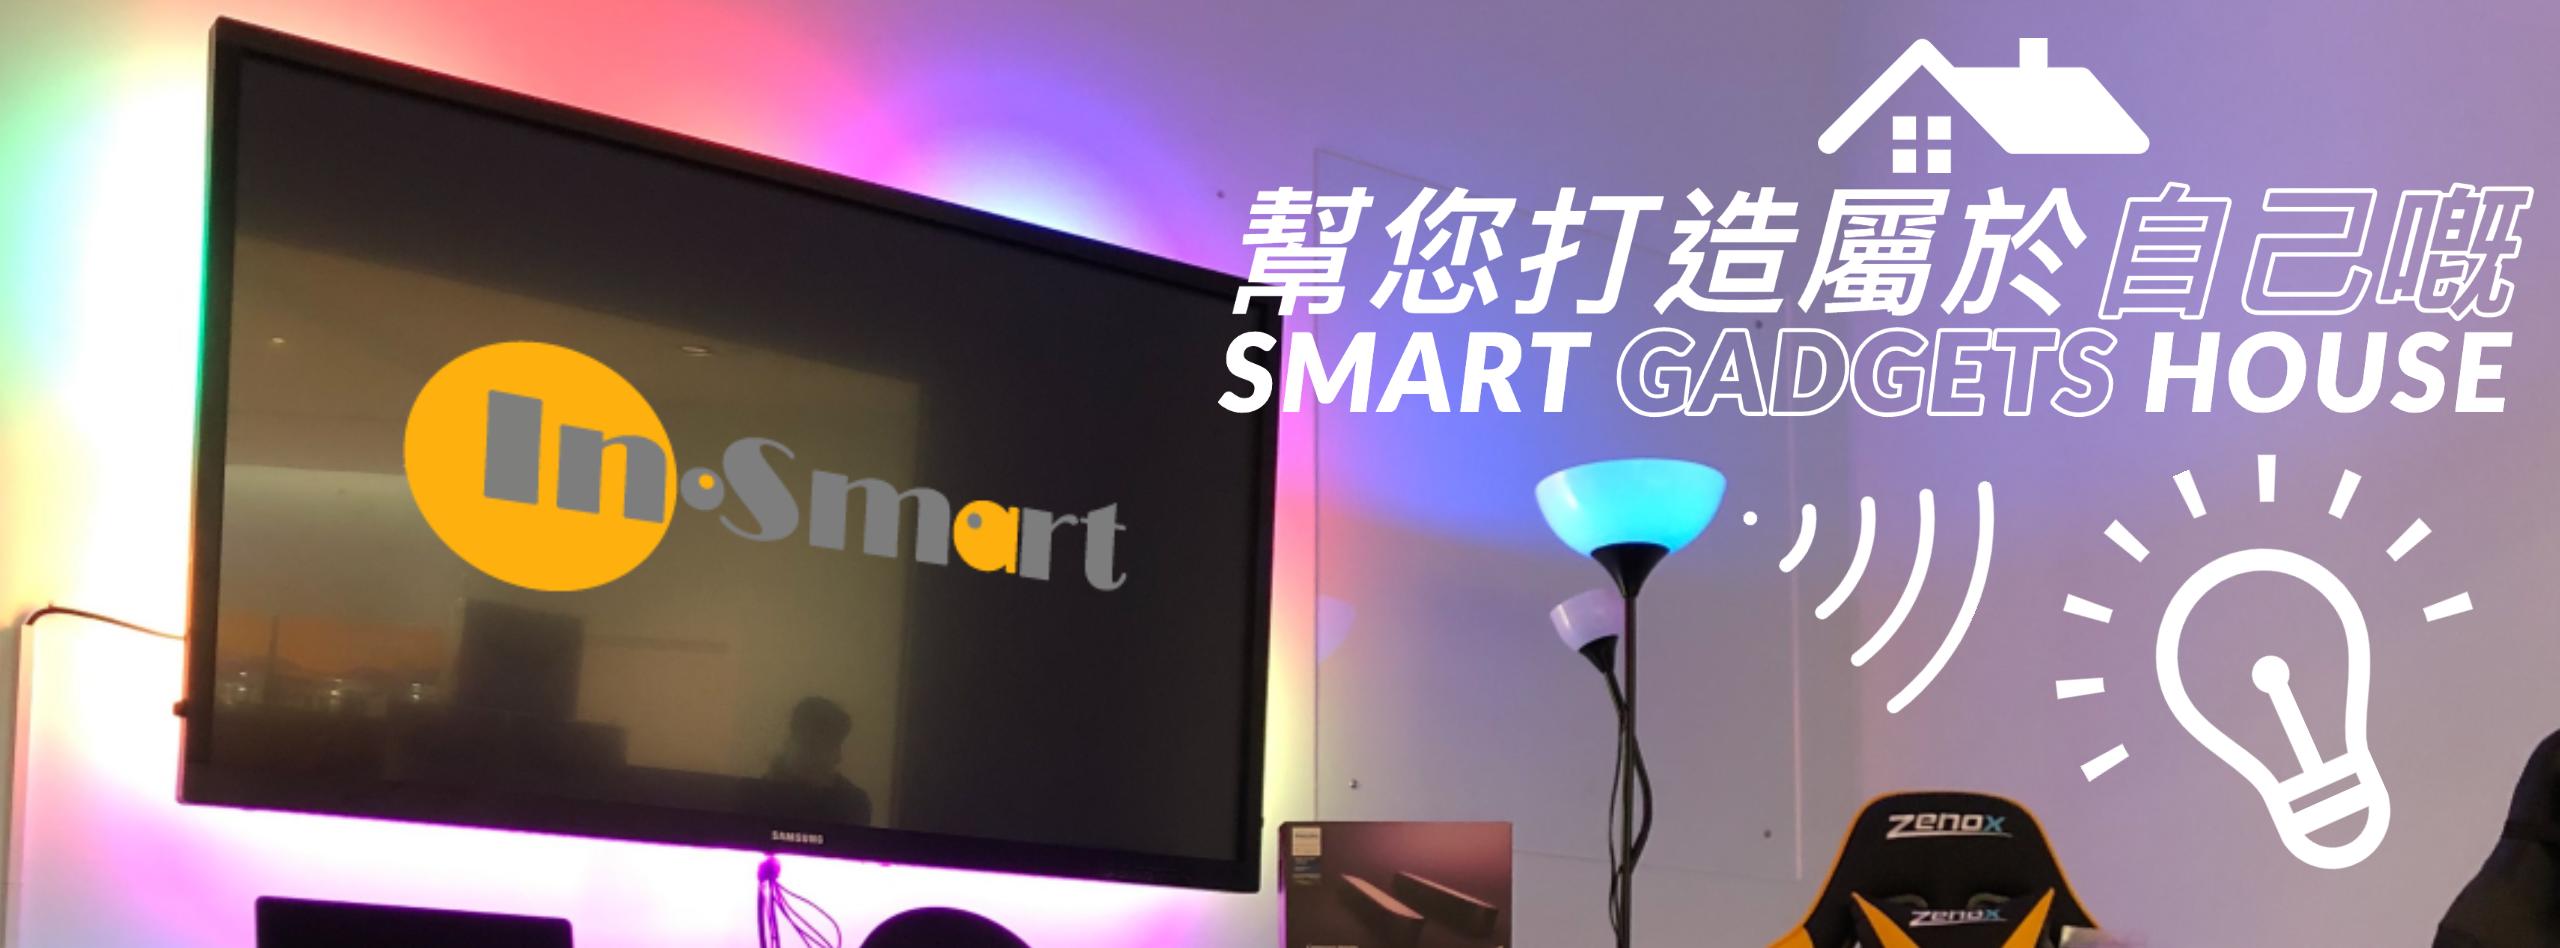 智能家居.電競新體驗,幫您打造屬於自己嘅 Smart Gadget House!